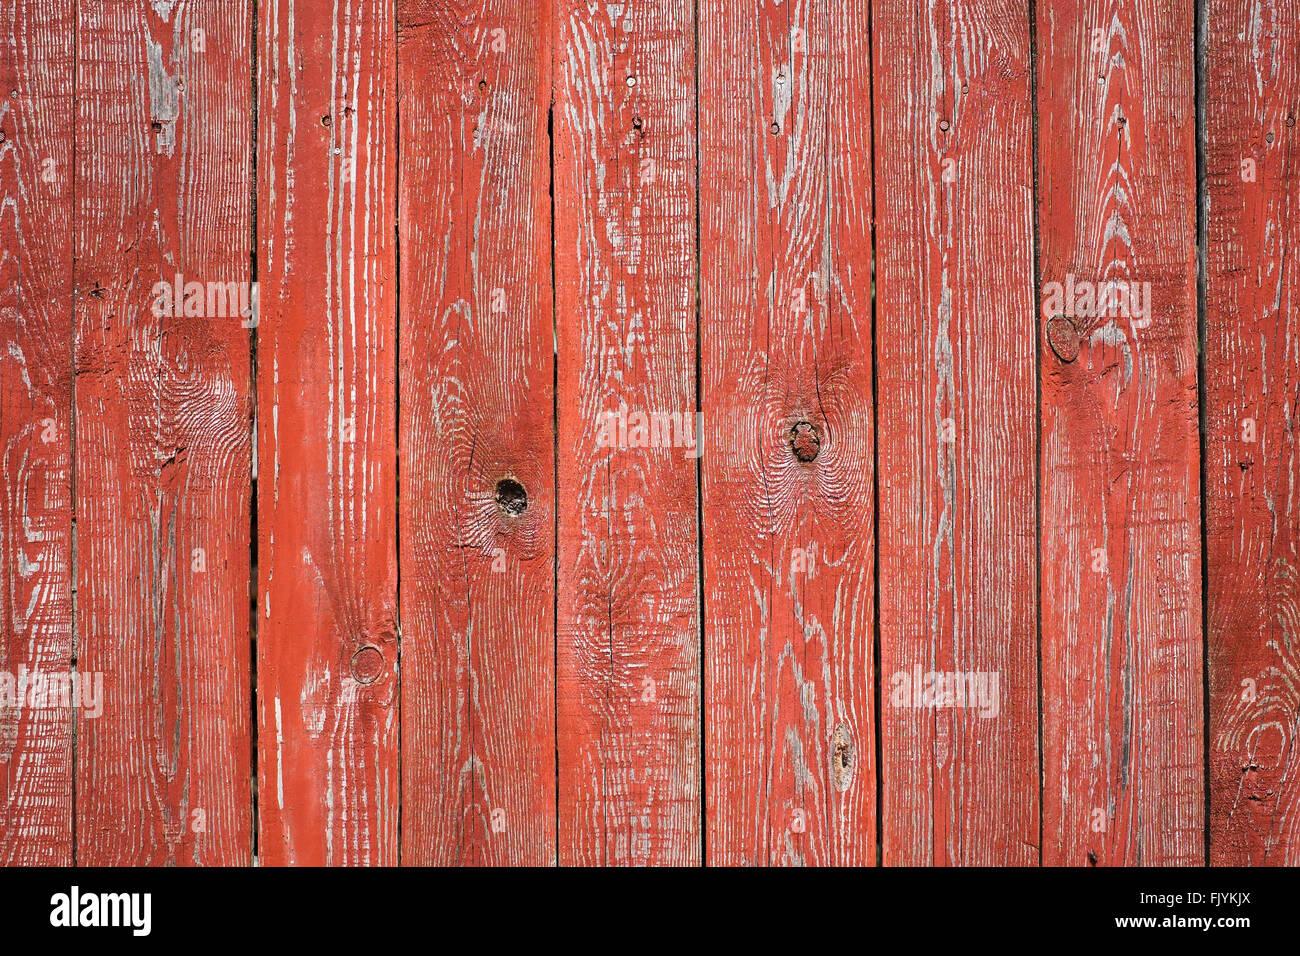 Vintage Sfondo Di Legno Grunge Alterato In Legno Di Quercia O Di Pino Tavole Testurizzato Eta Di Colore Marrone O Rosso Foto Stock Alamy